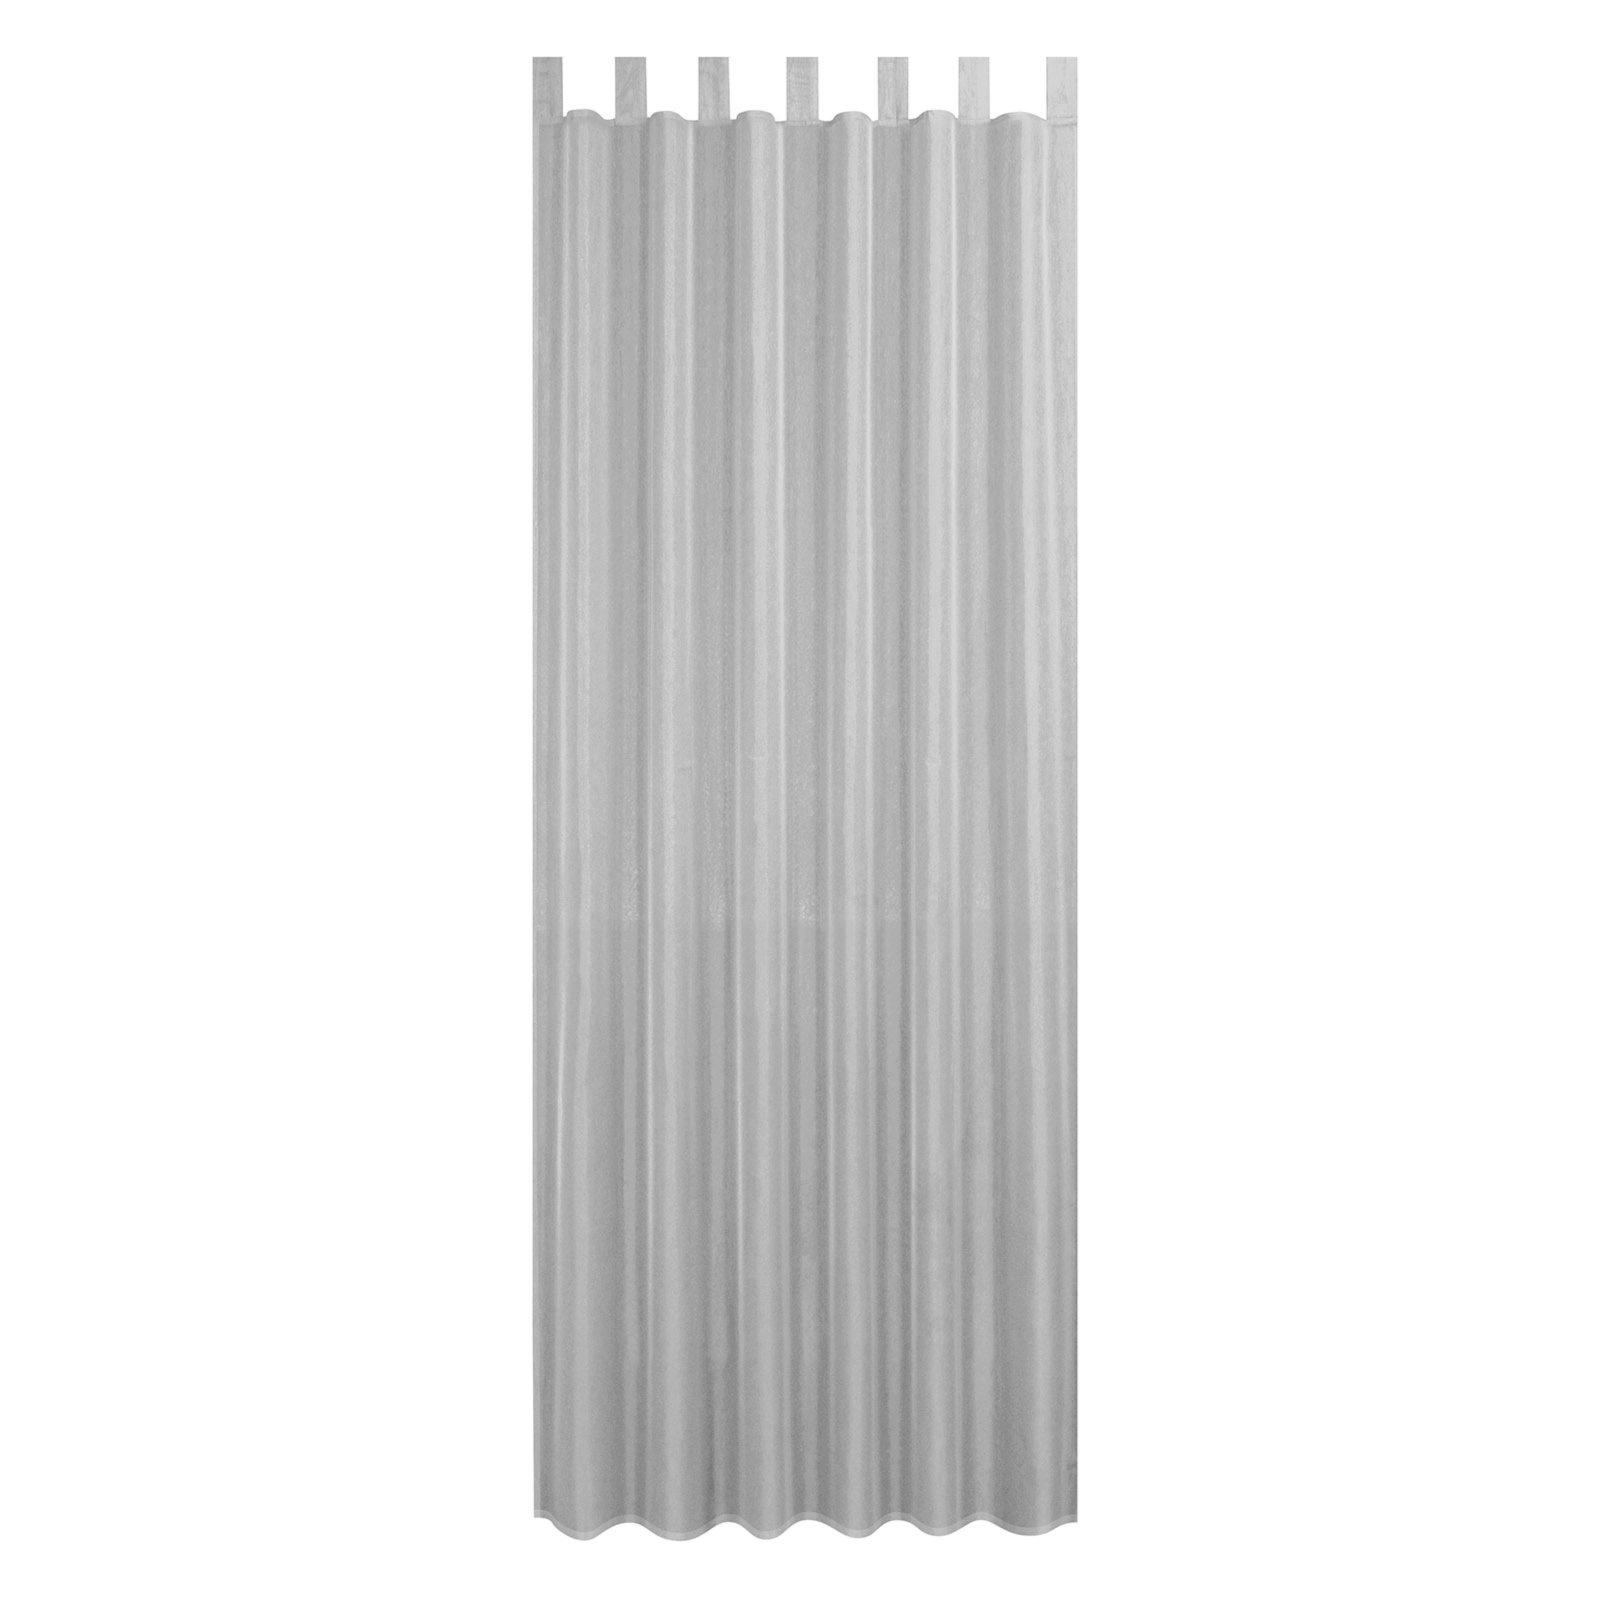 Schlaufenschal ALSTER - silbergrau - 140x235 cm